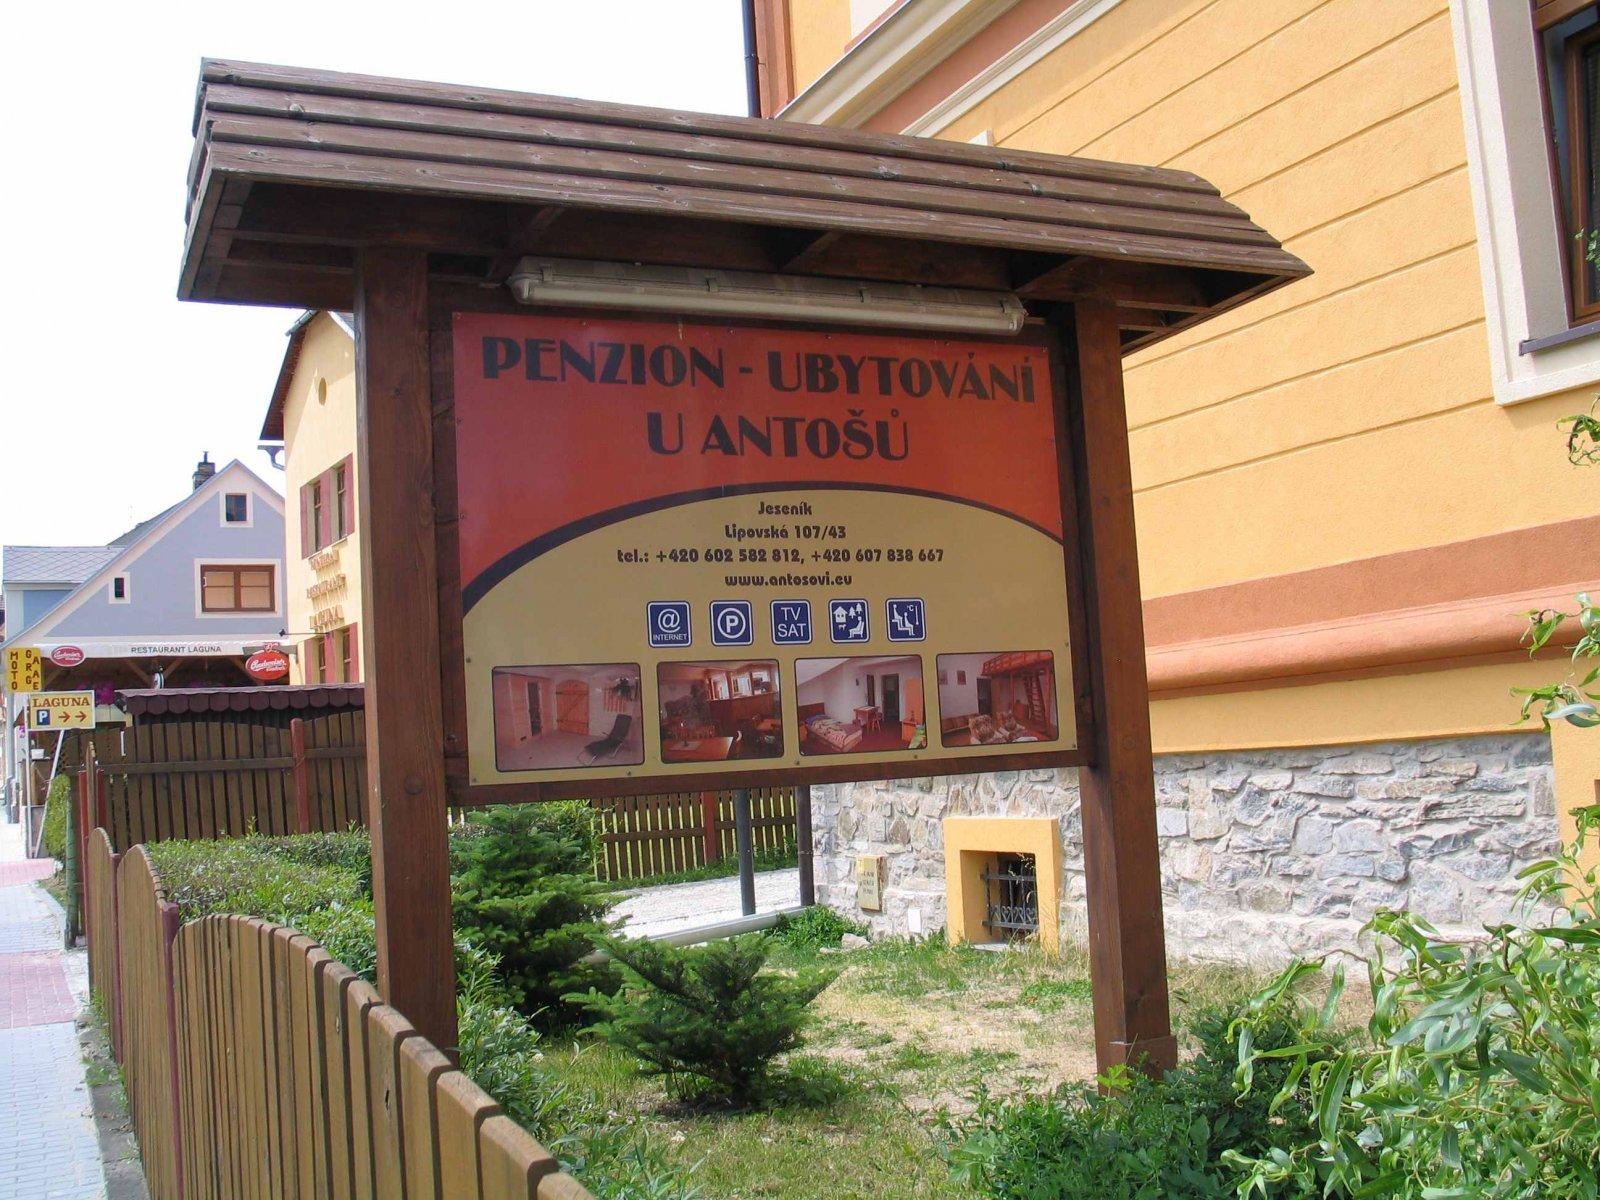 Penzion-004